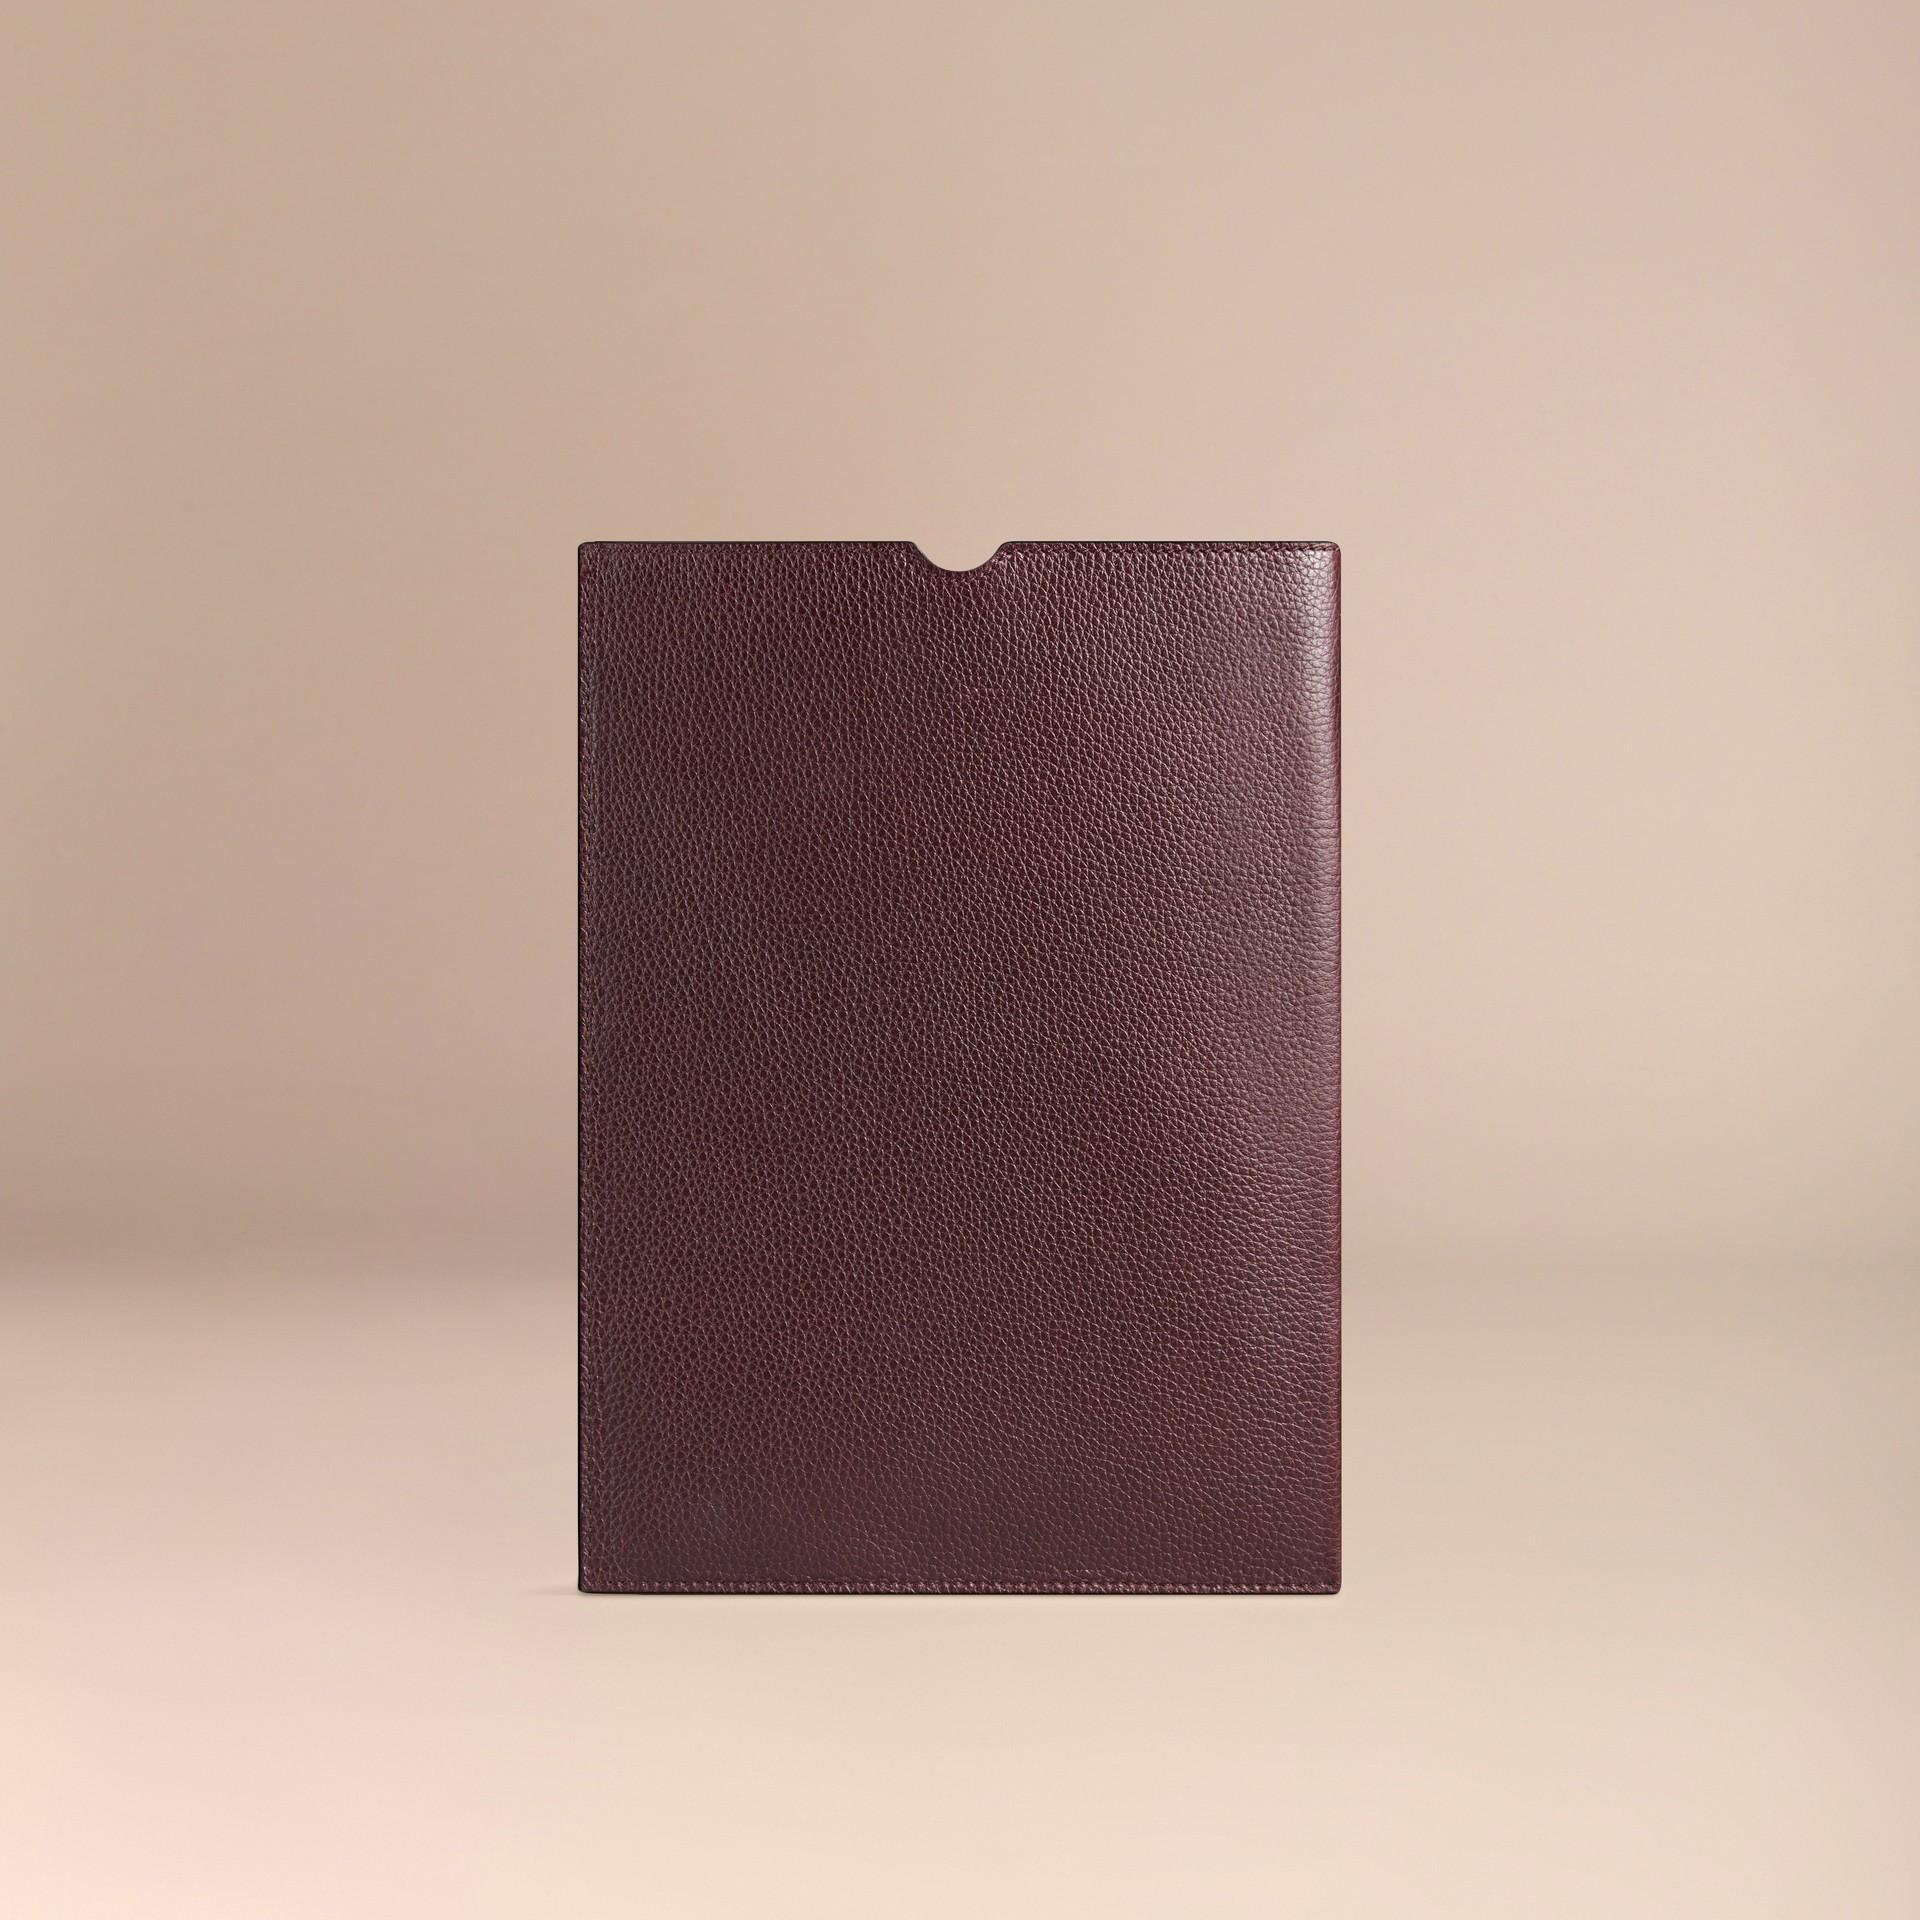 Rosso ebano Custodia per iPad in pelle a grana Rosso Ebano - immagine della galleria 2